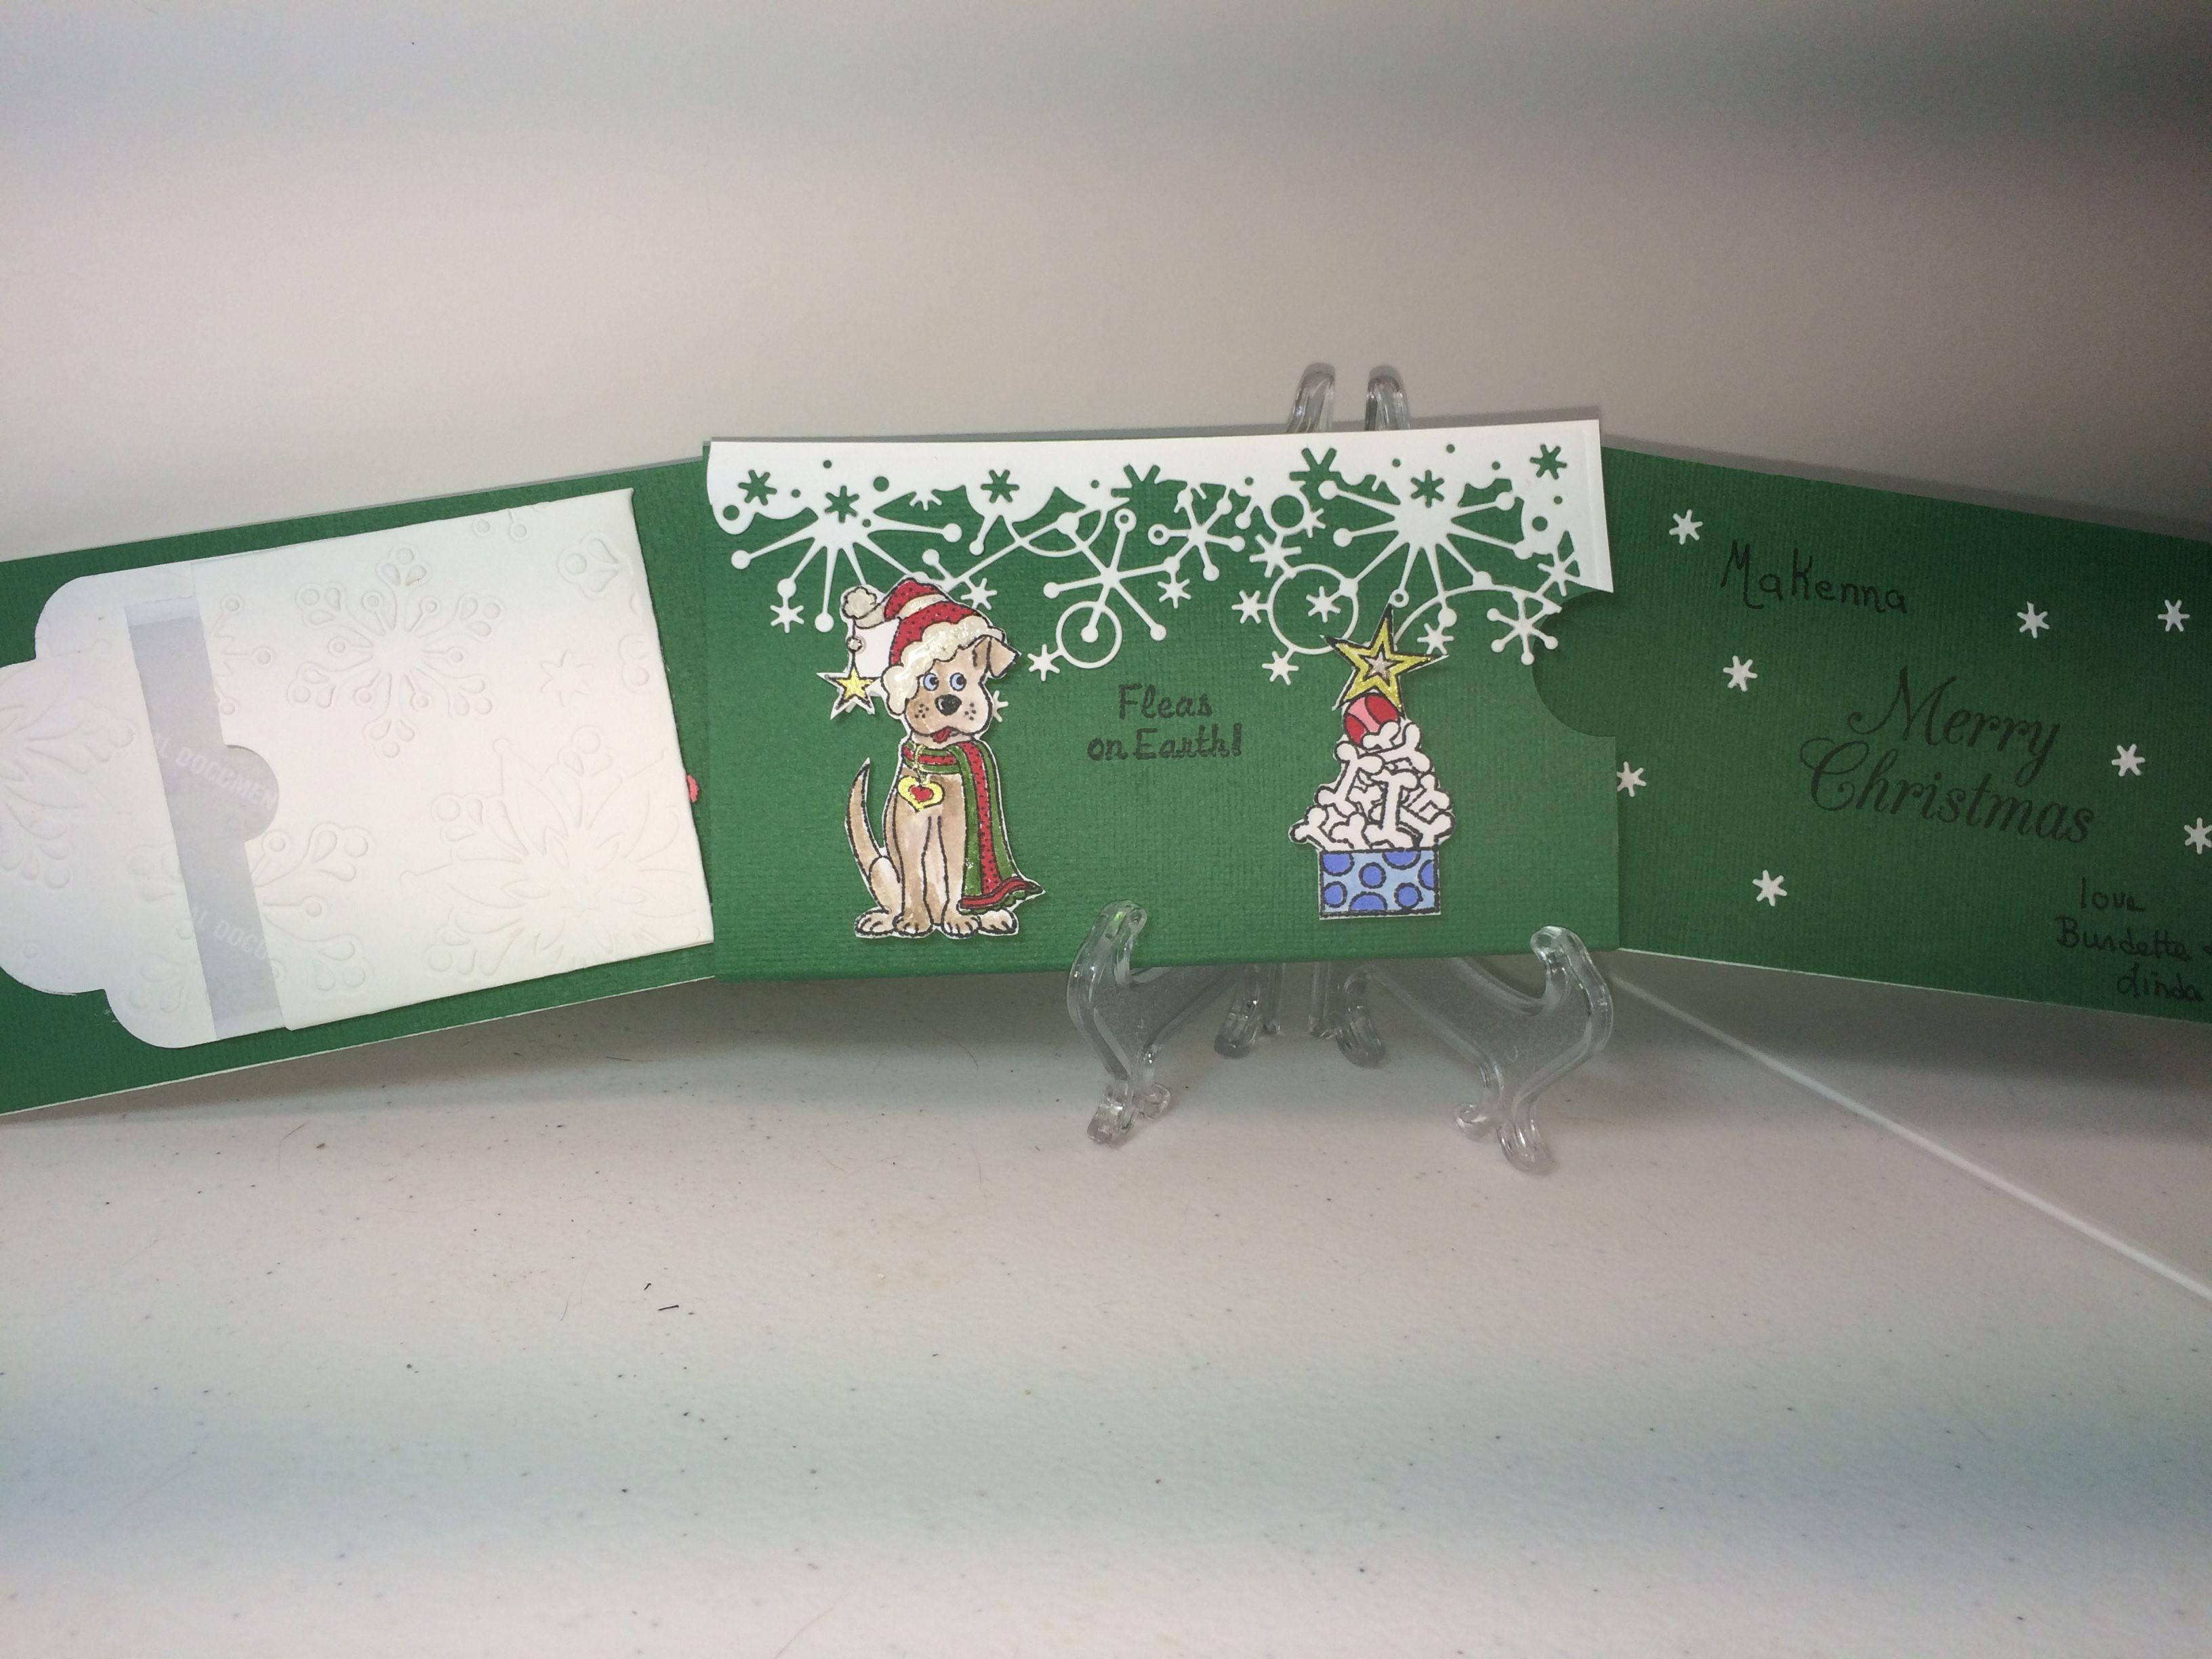 MaKenna's Christmas card